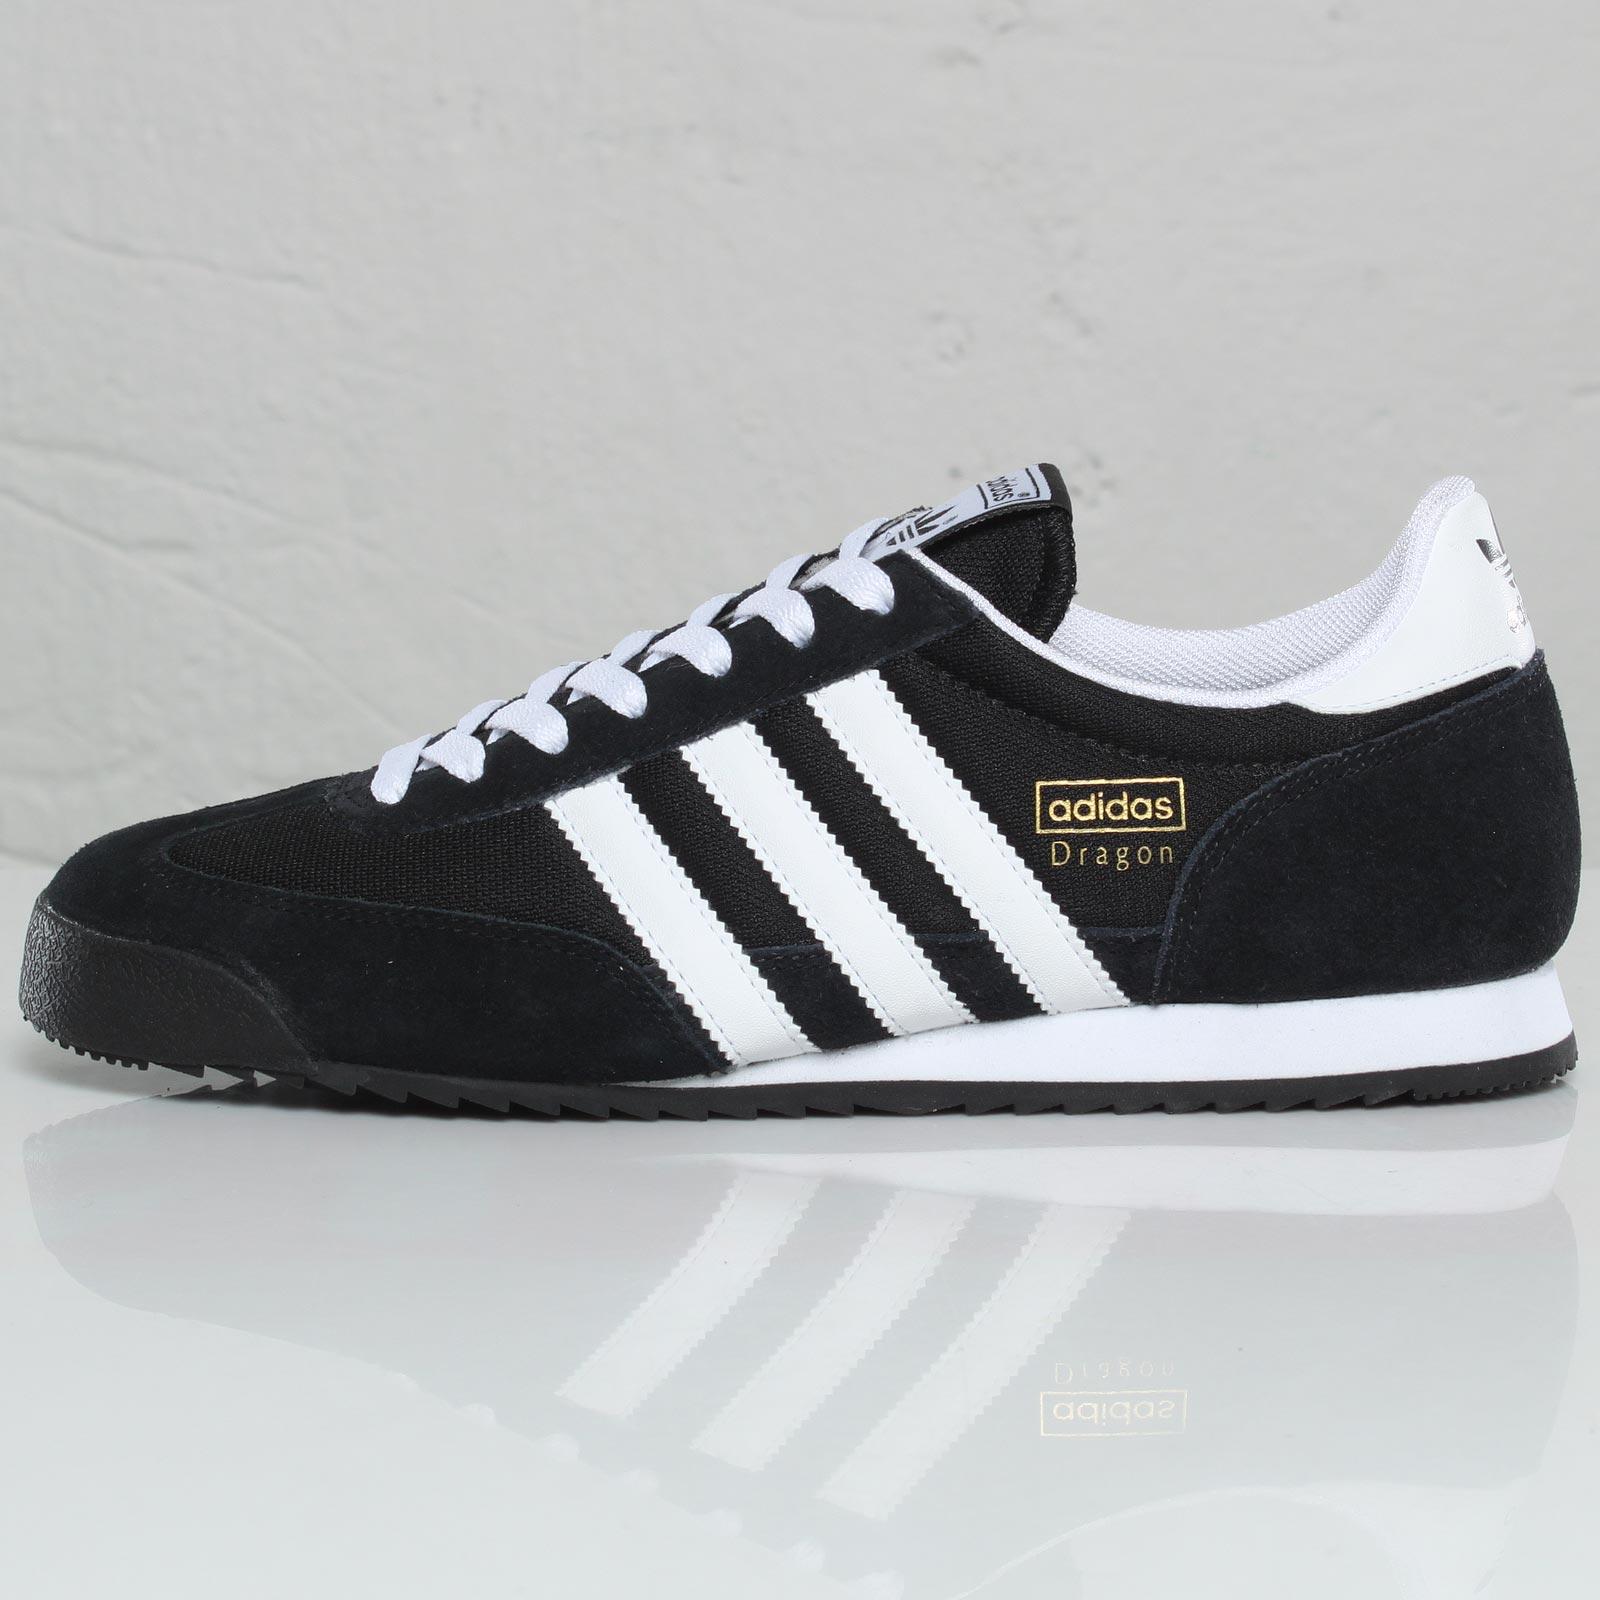 adidas Dragon - 81972 - SNS   sneakers & streetwear online since 1999